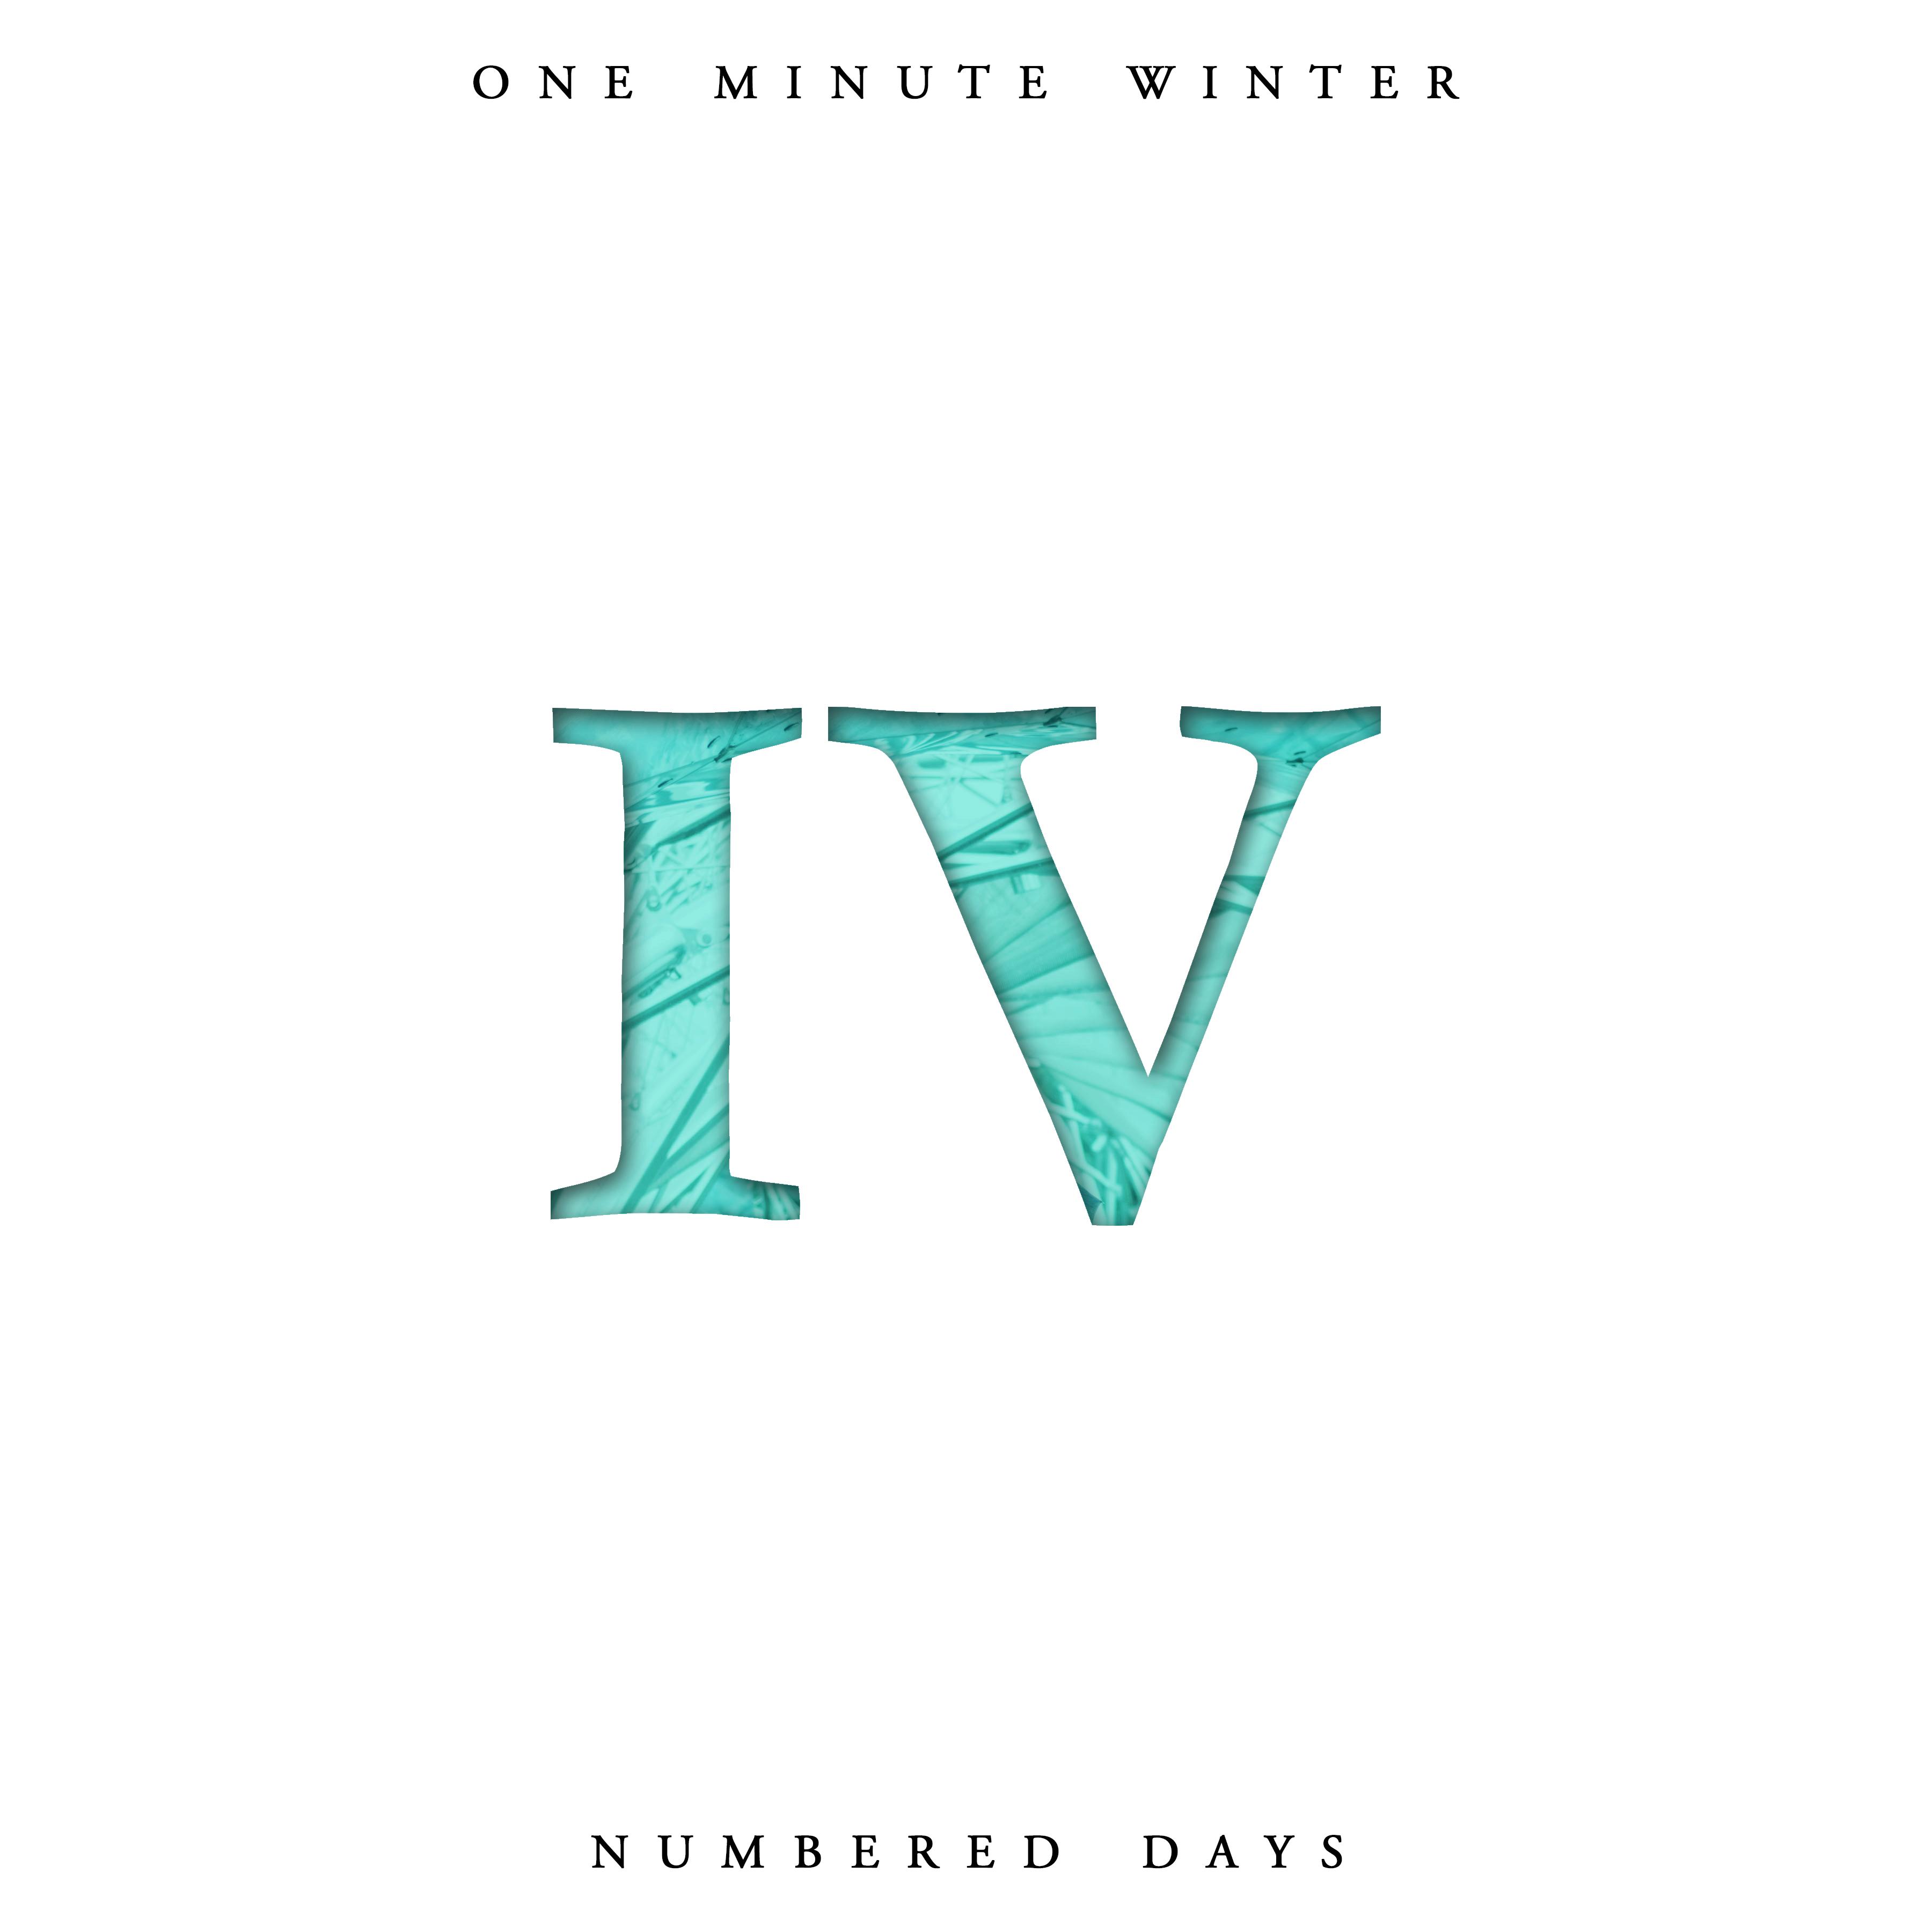 Numbered Days (album)